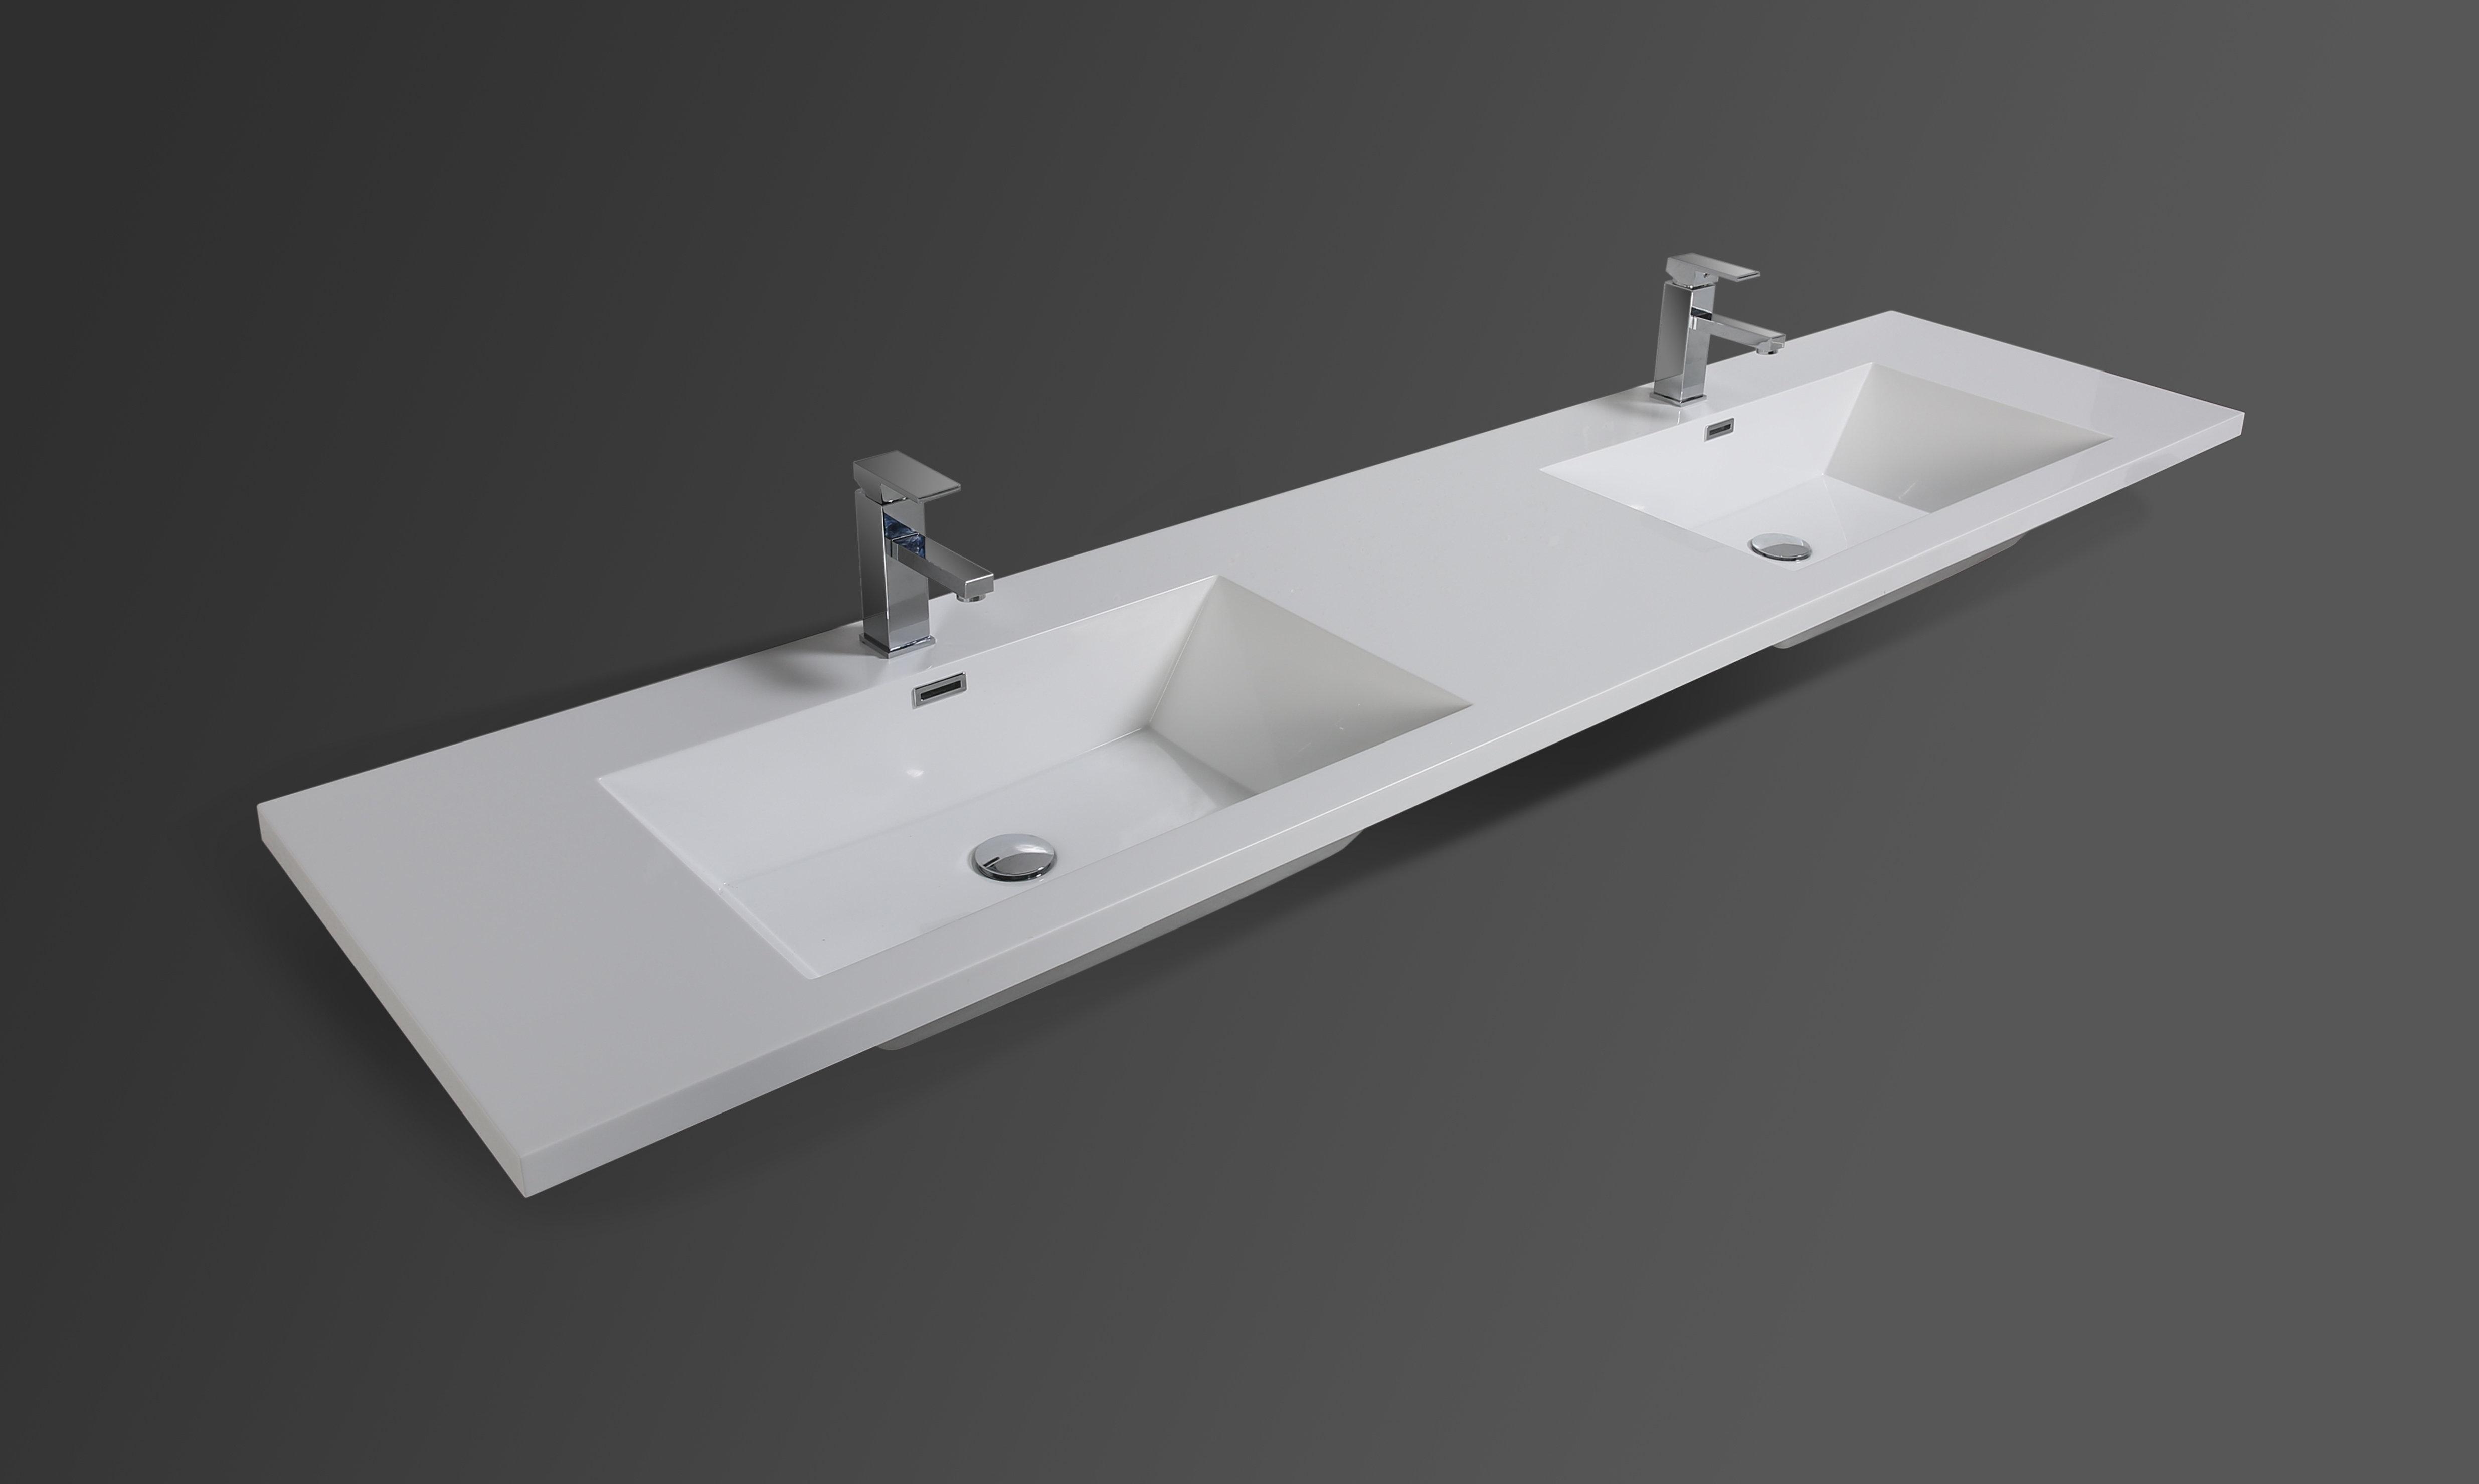 Mebo 82 Double Bathroom Vanity Top In White With Sink Wayfair